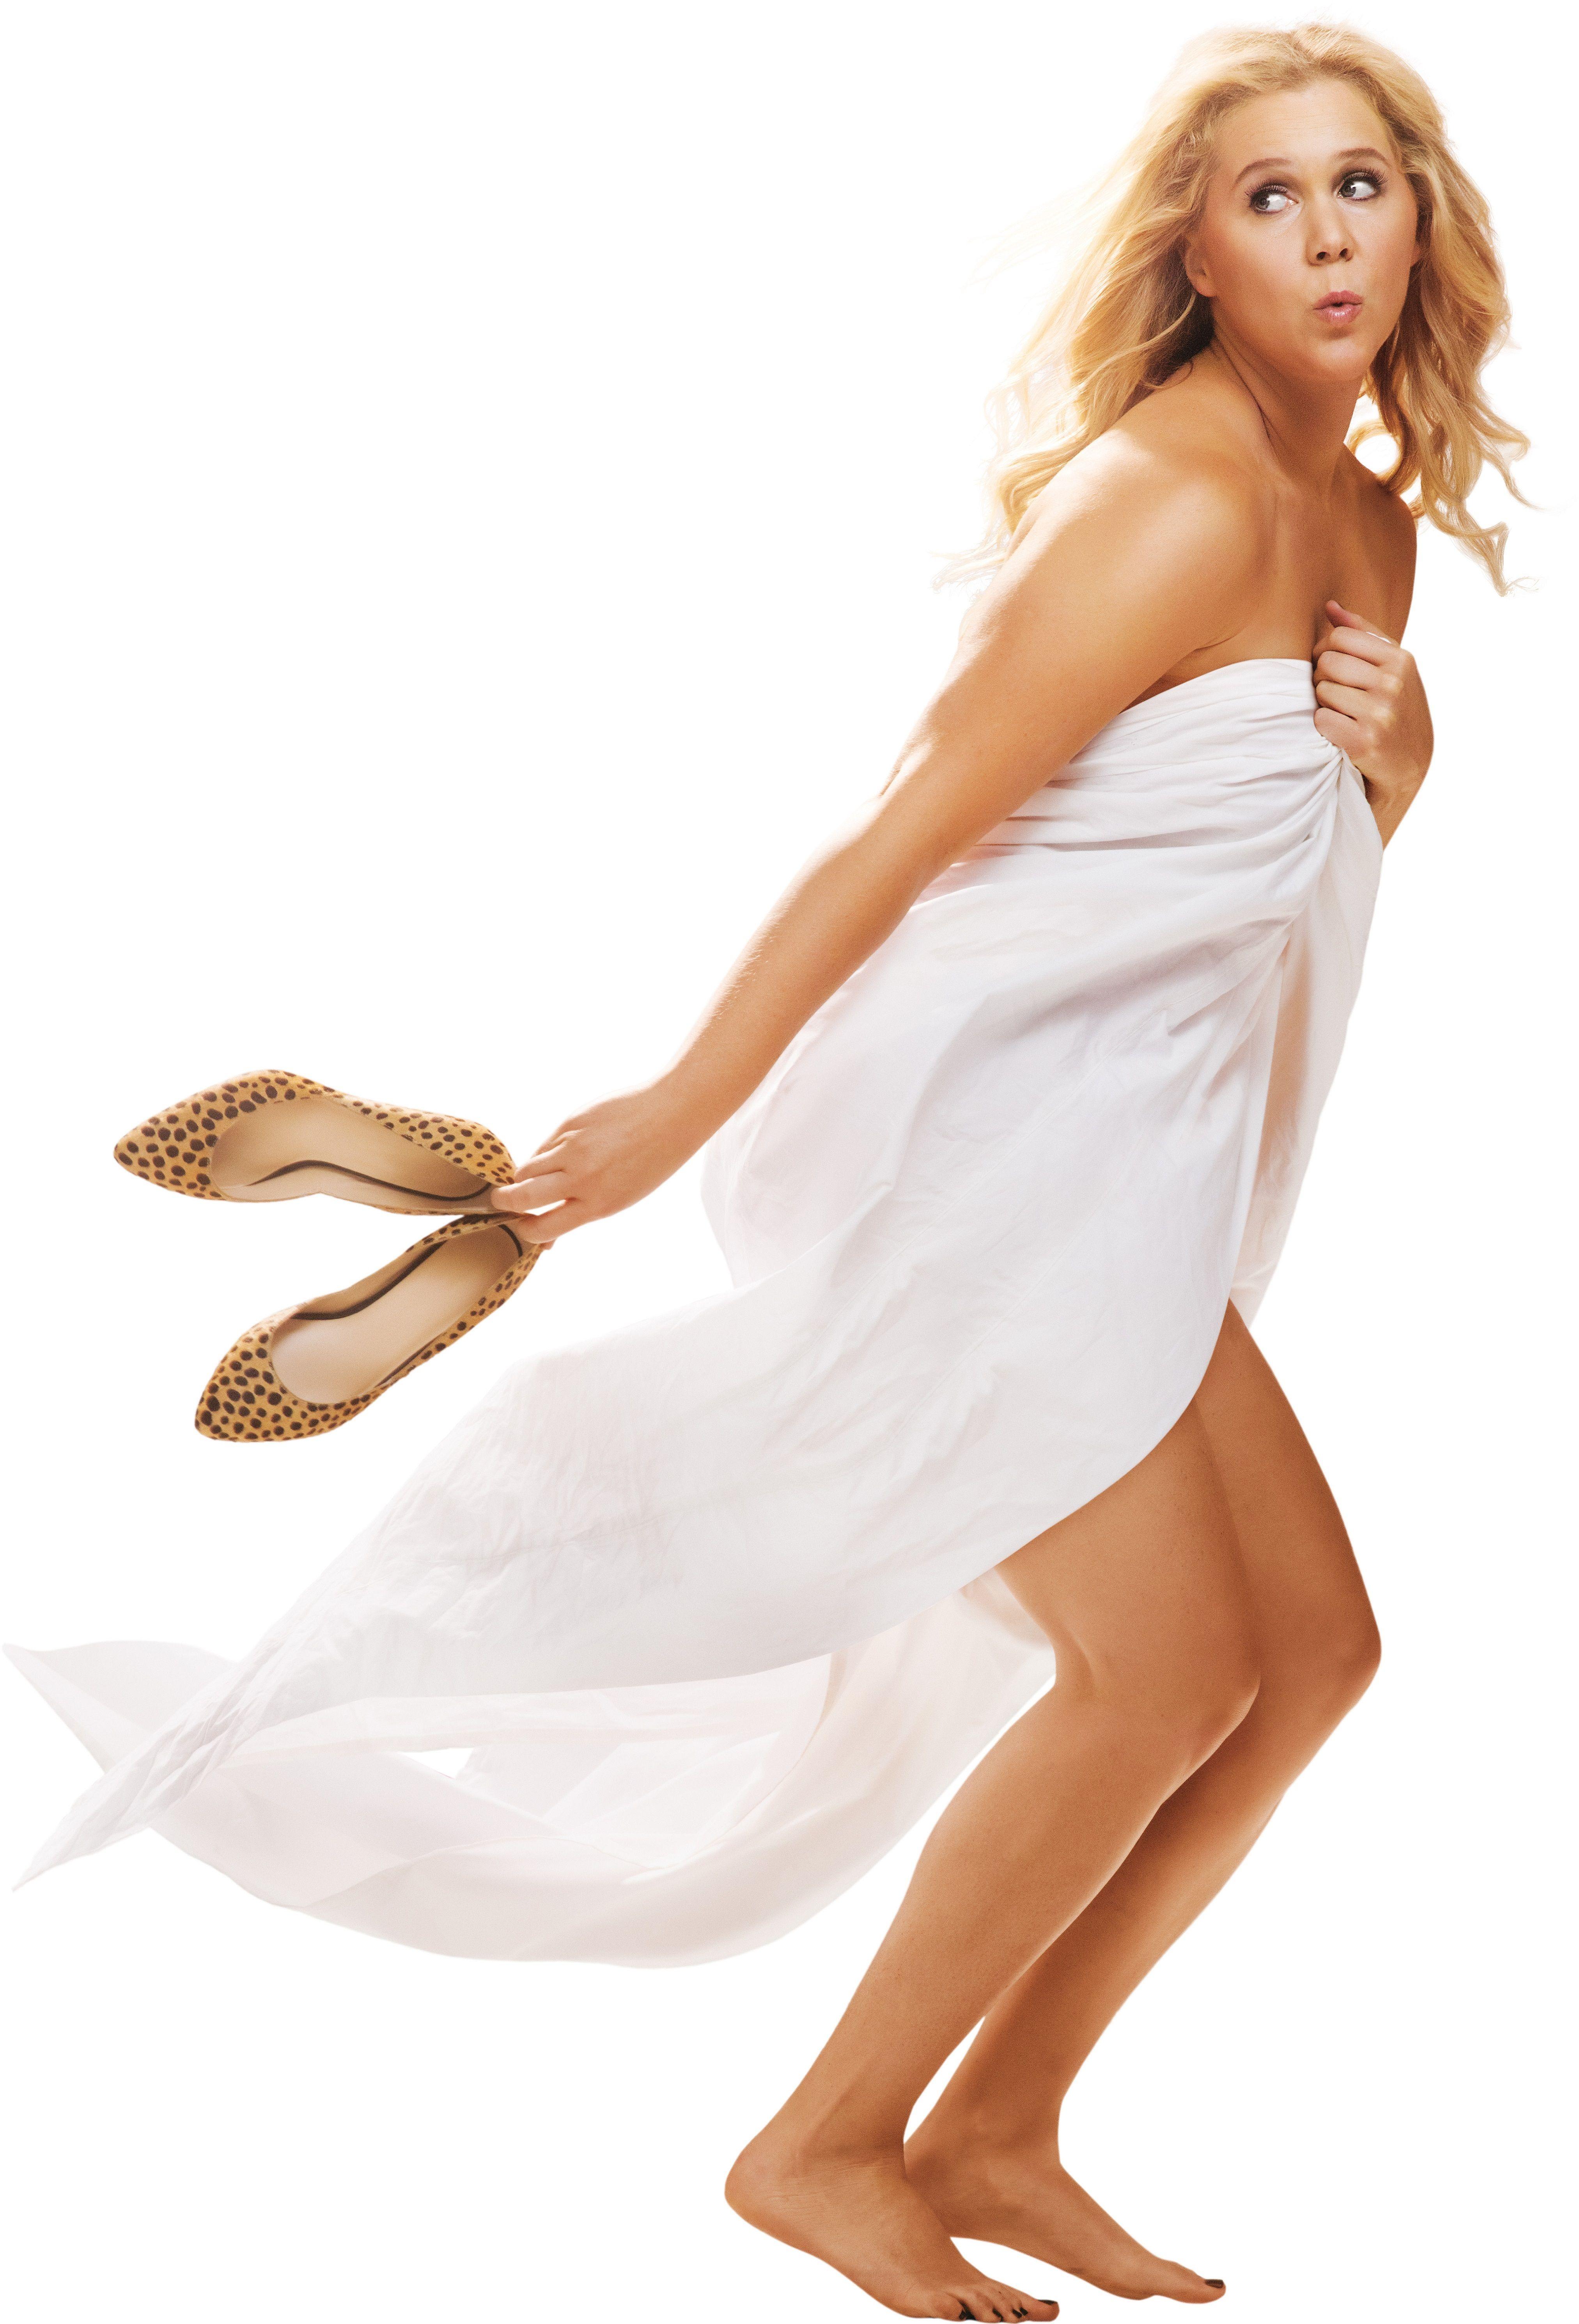 Pics Emily Ratajkowski Kim Kardashian naked (89 foto and video), Pussy, Sideboobs, Feet, lingerie 2019